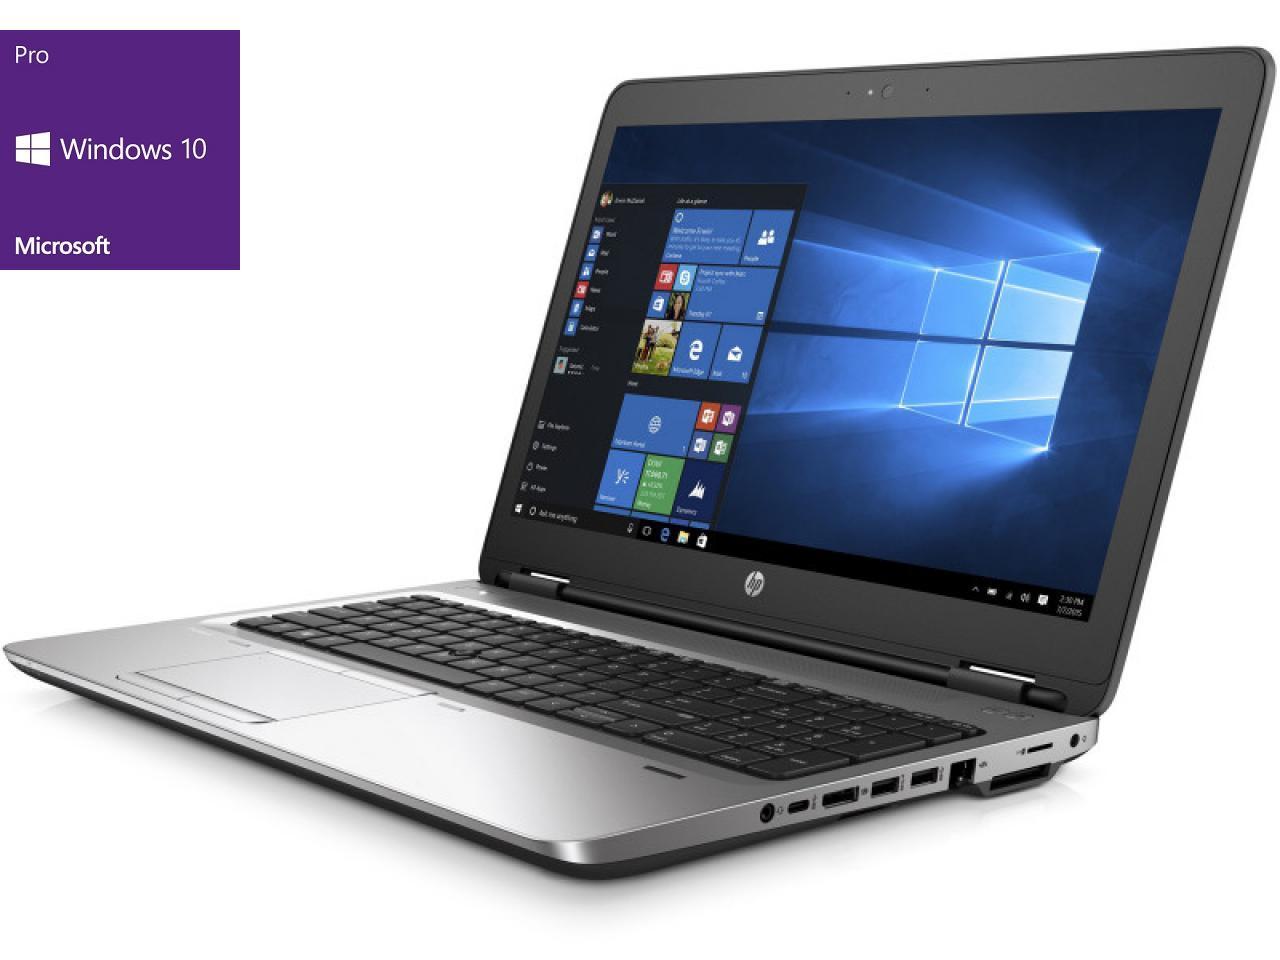 Hewlett Packard ProBook 650 G2